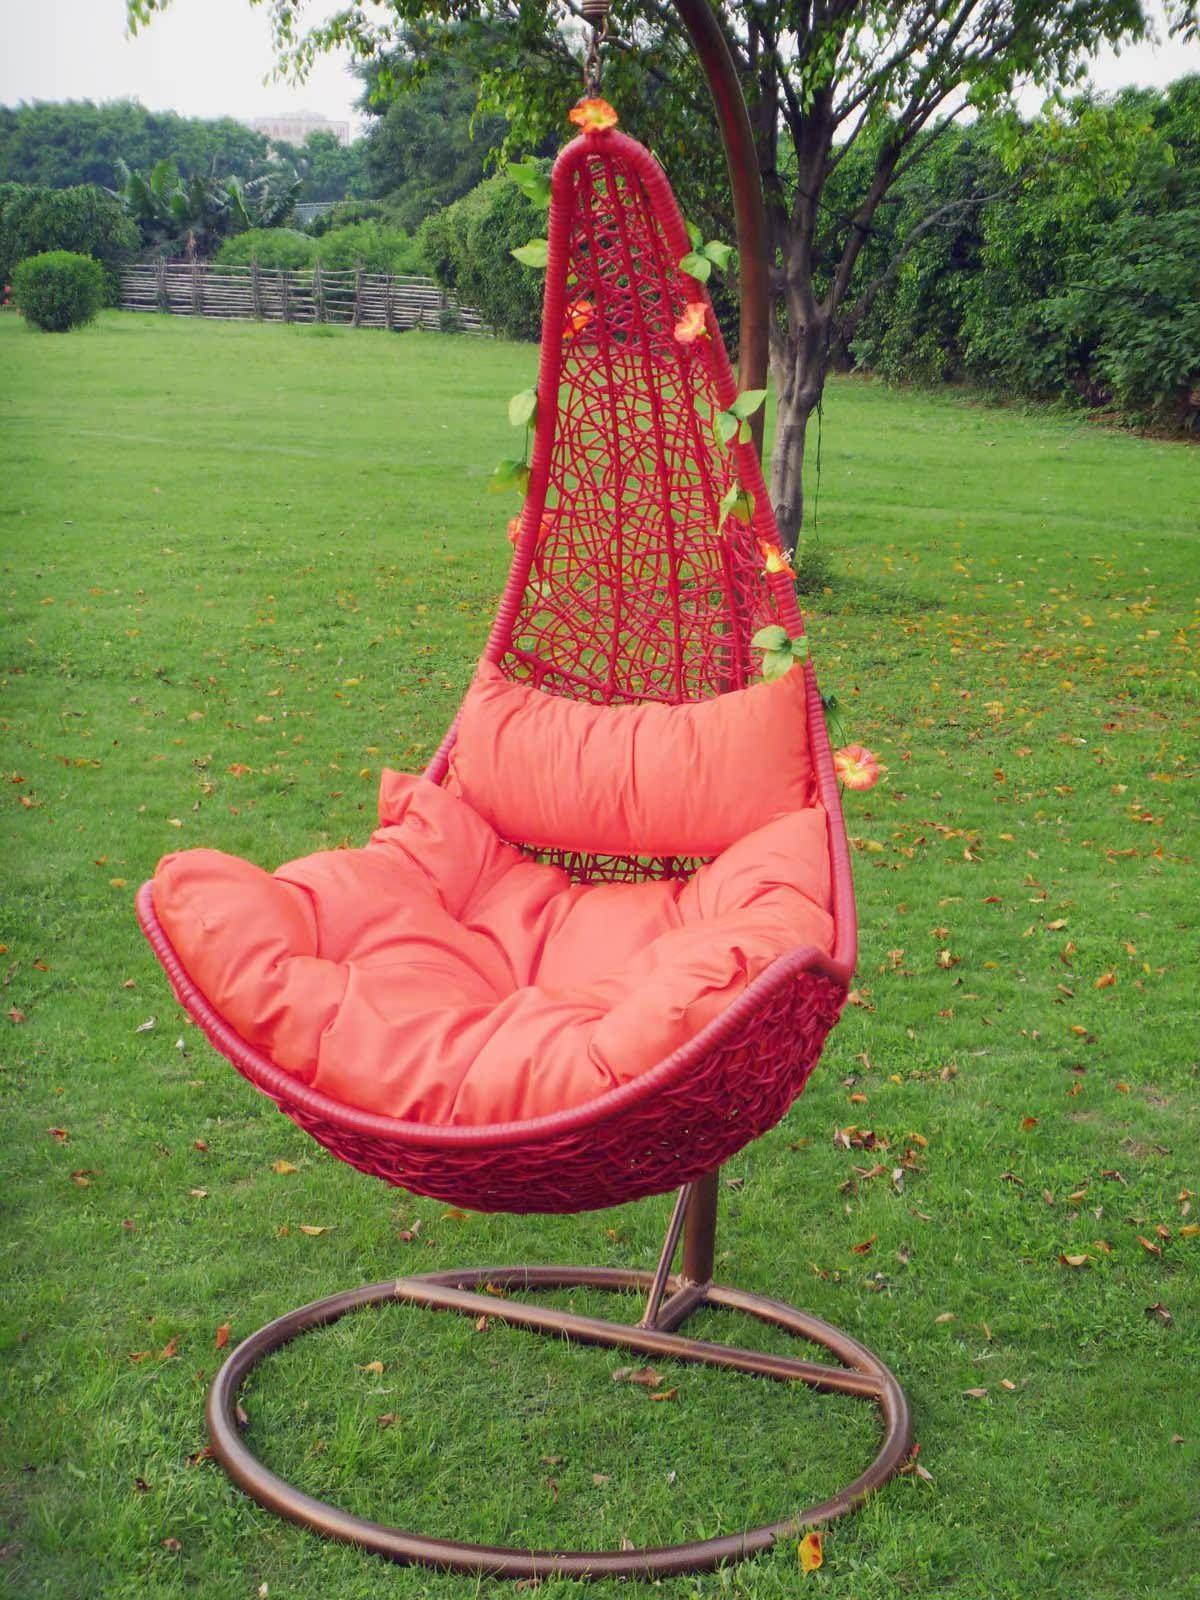 Кресло-качалка Производитель перкуссия тростника Цена качели крытый и открытый ротанга корзина ротанга ротанга кресла-качалки гнездо кленовый лист стул стул